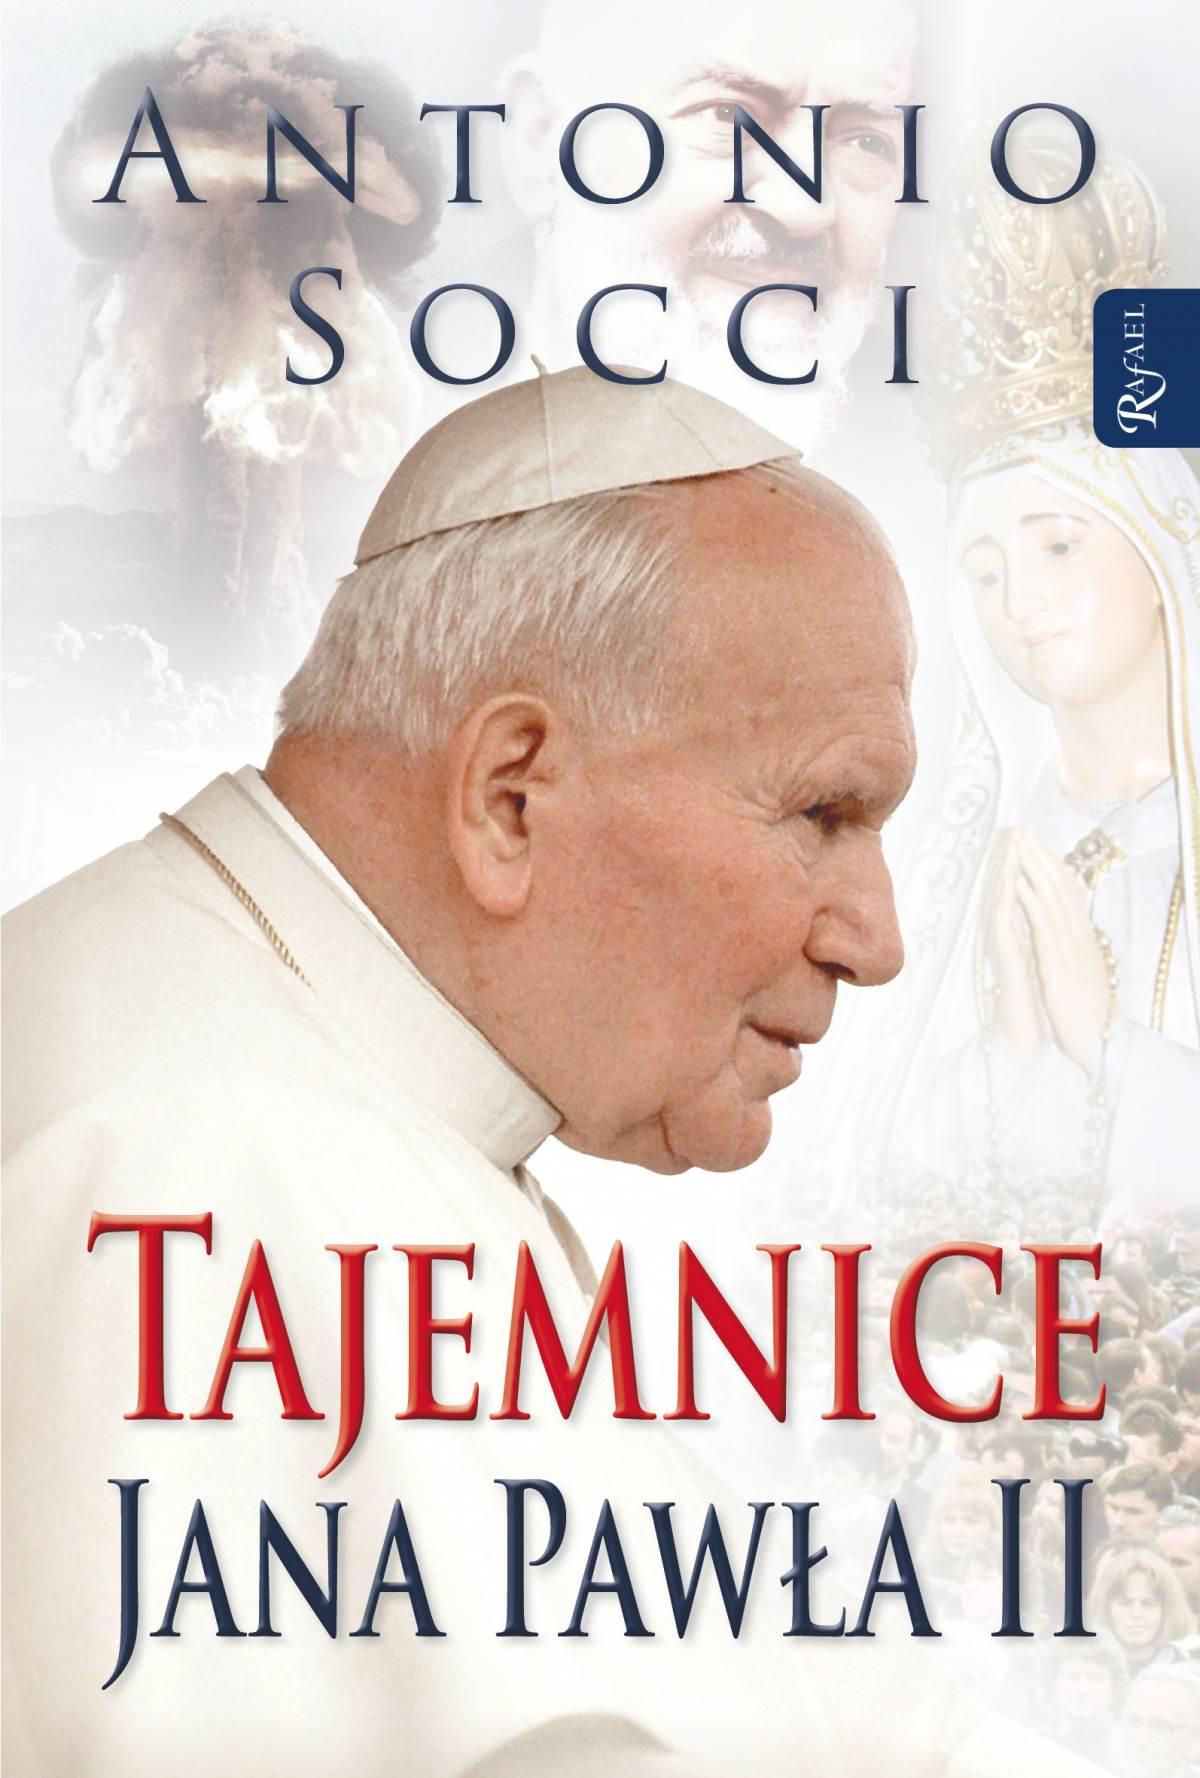 Tajemnice Jana Pawła II - Ebook (Książka EPUB) do pobrania w formacie EPUB